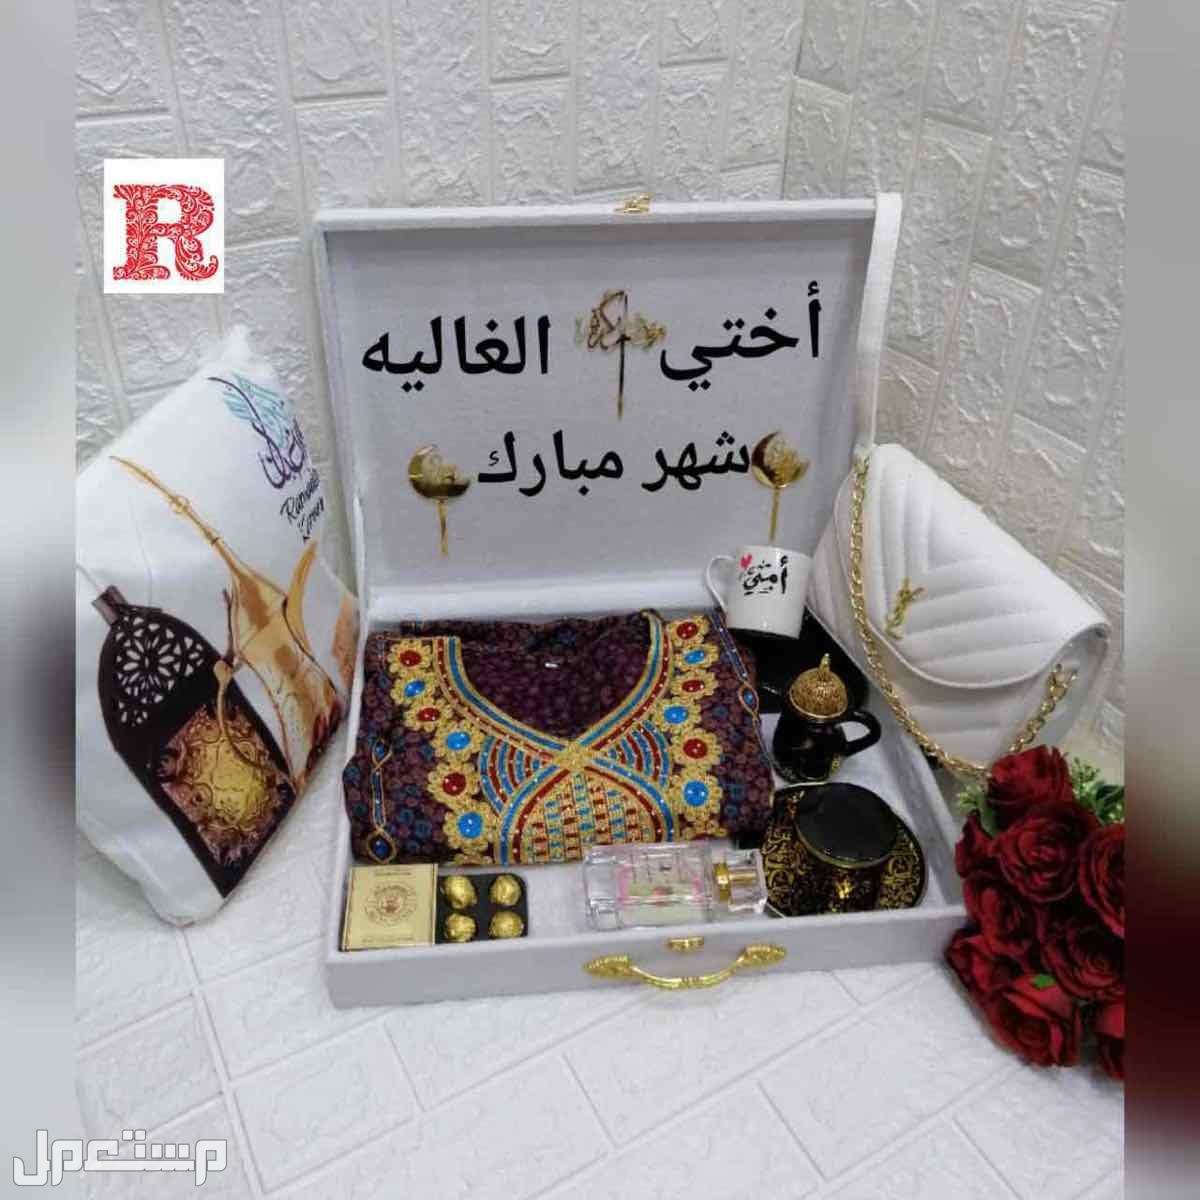 طقمً هدايا رمضاني نسائي شنطه اف سان لوران جلابيه مبخره